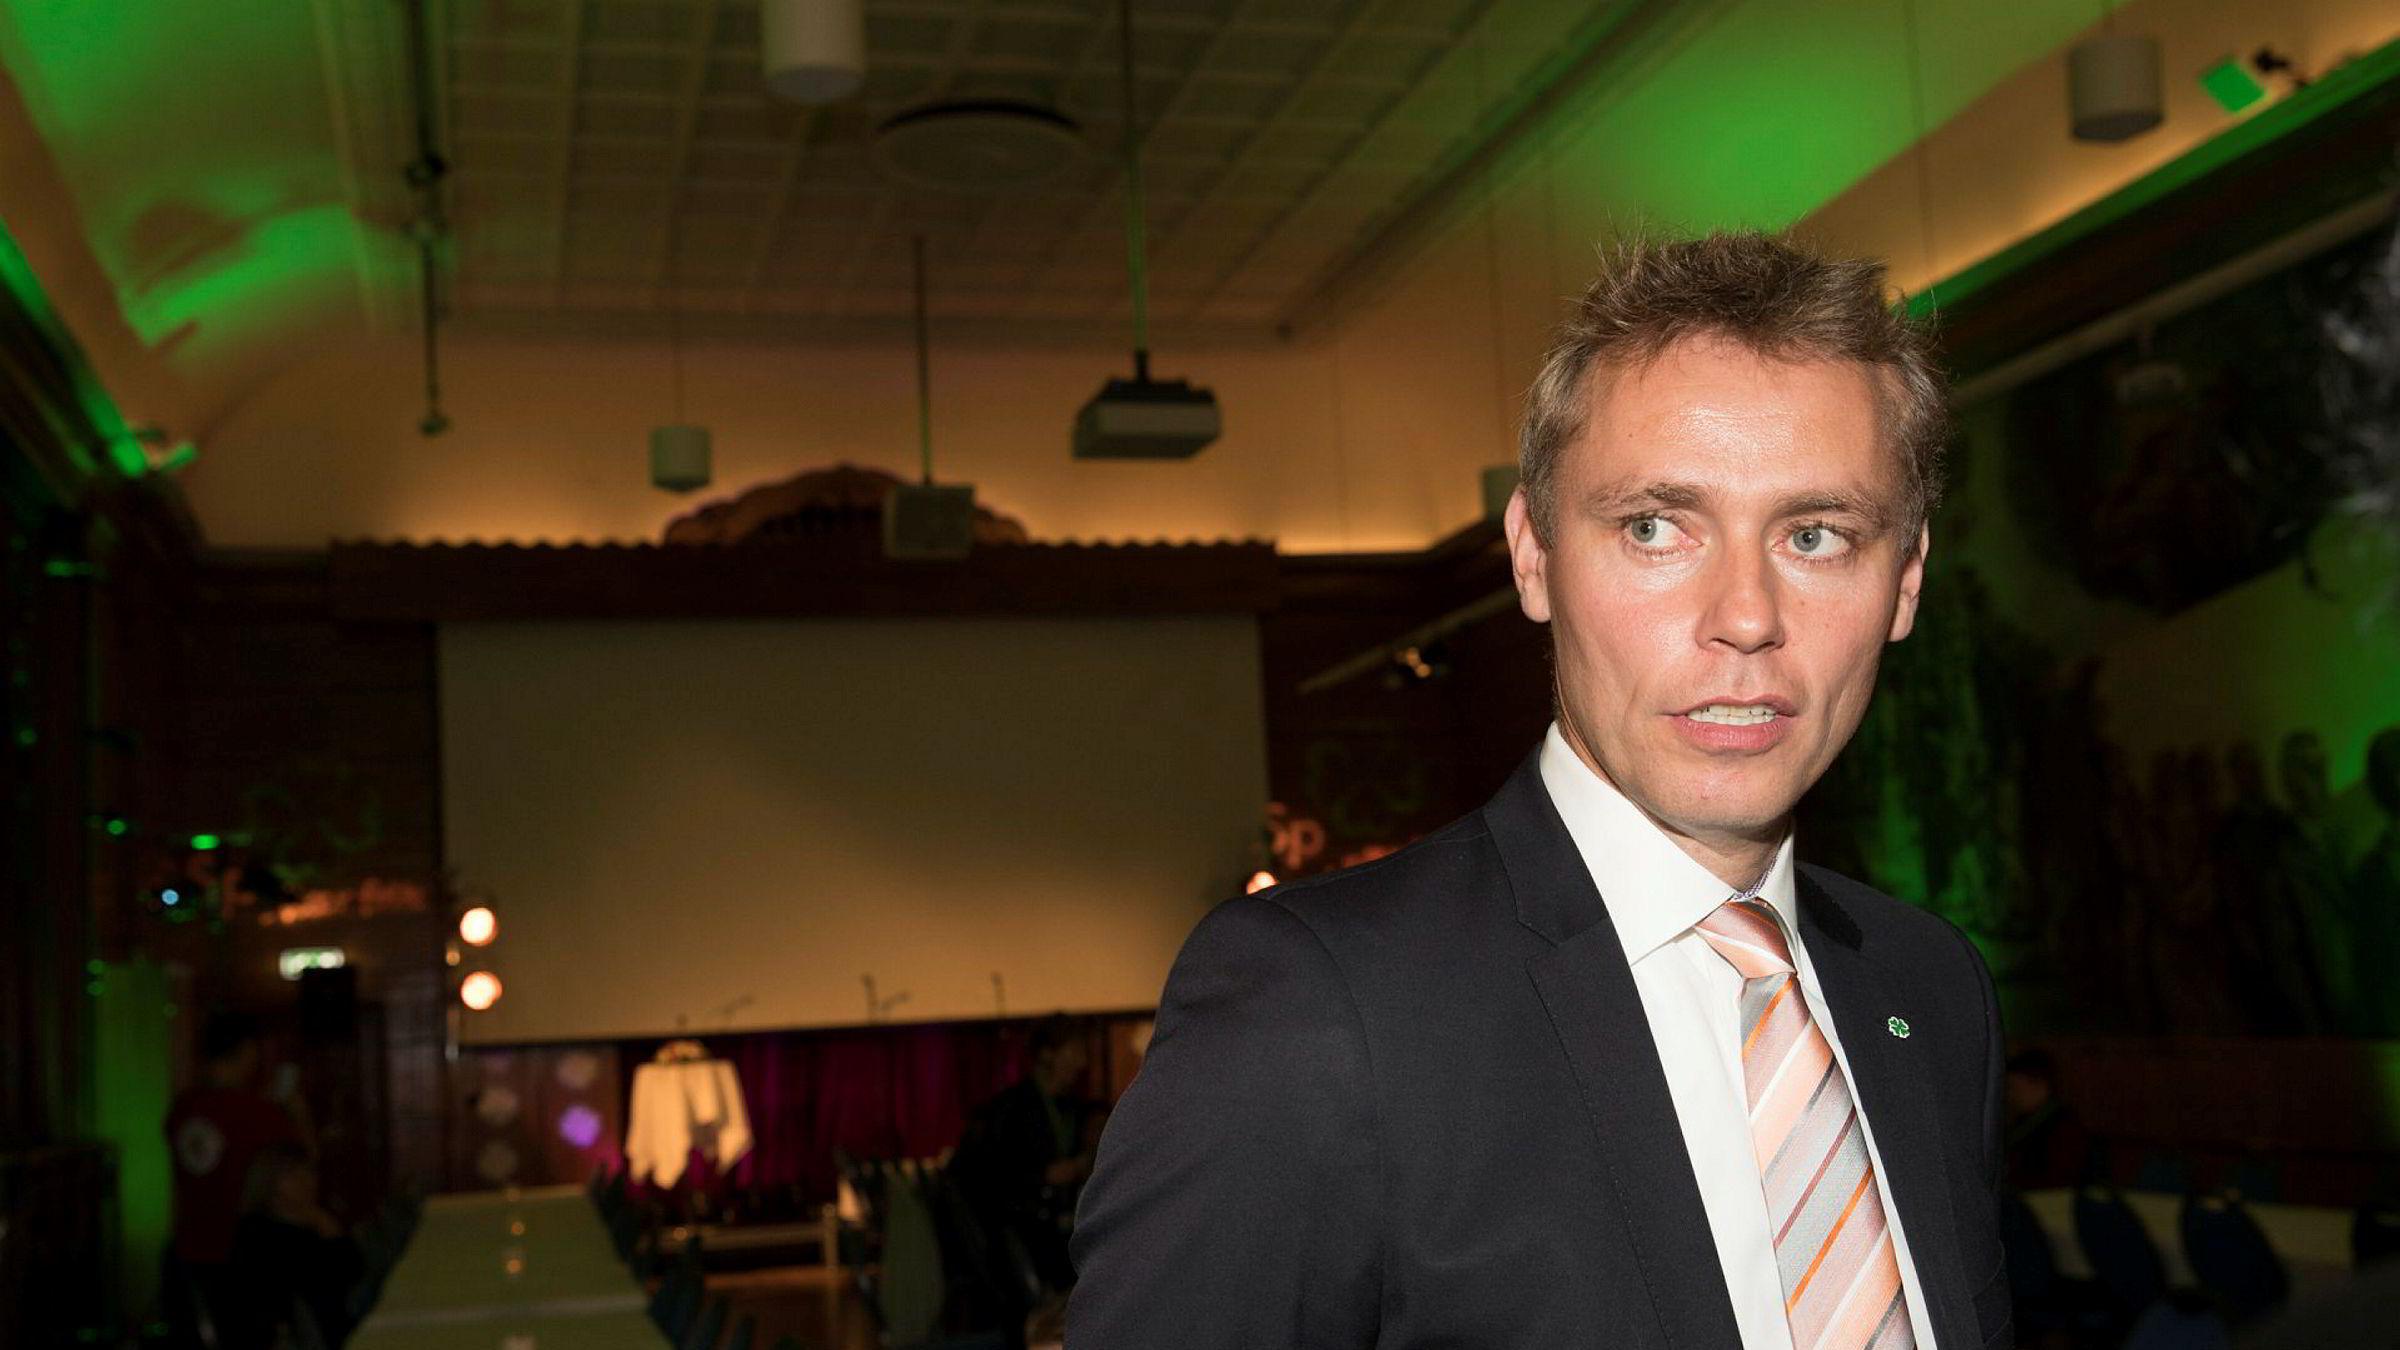 Tidligere olje- og energiminister Ola Borten Moe (Sp) kritiseres av tidligere leder i Natur og Ungdom Silje Lundberg for håndteringen av et varsel i 2013.